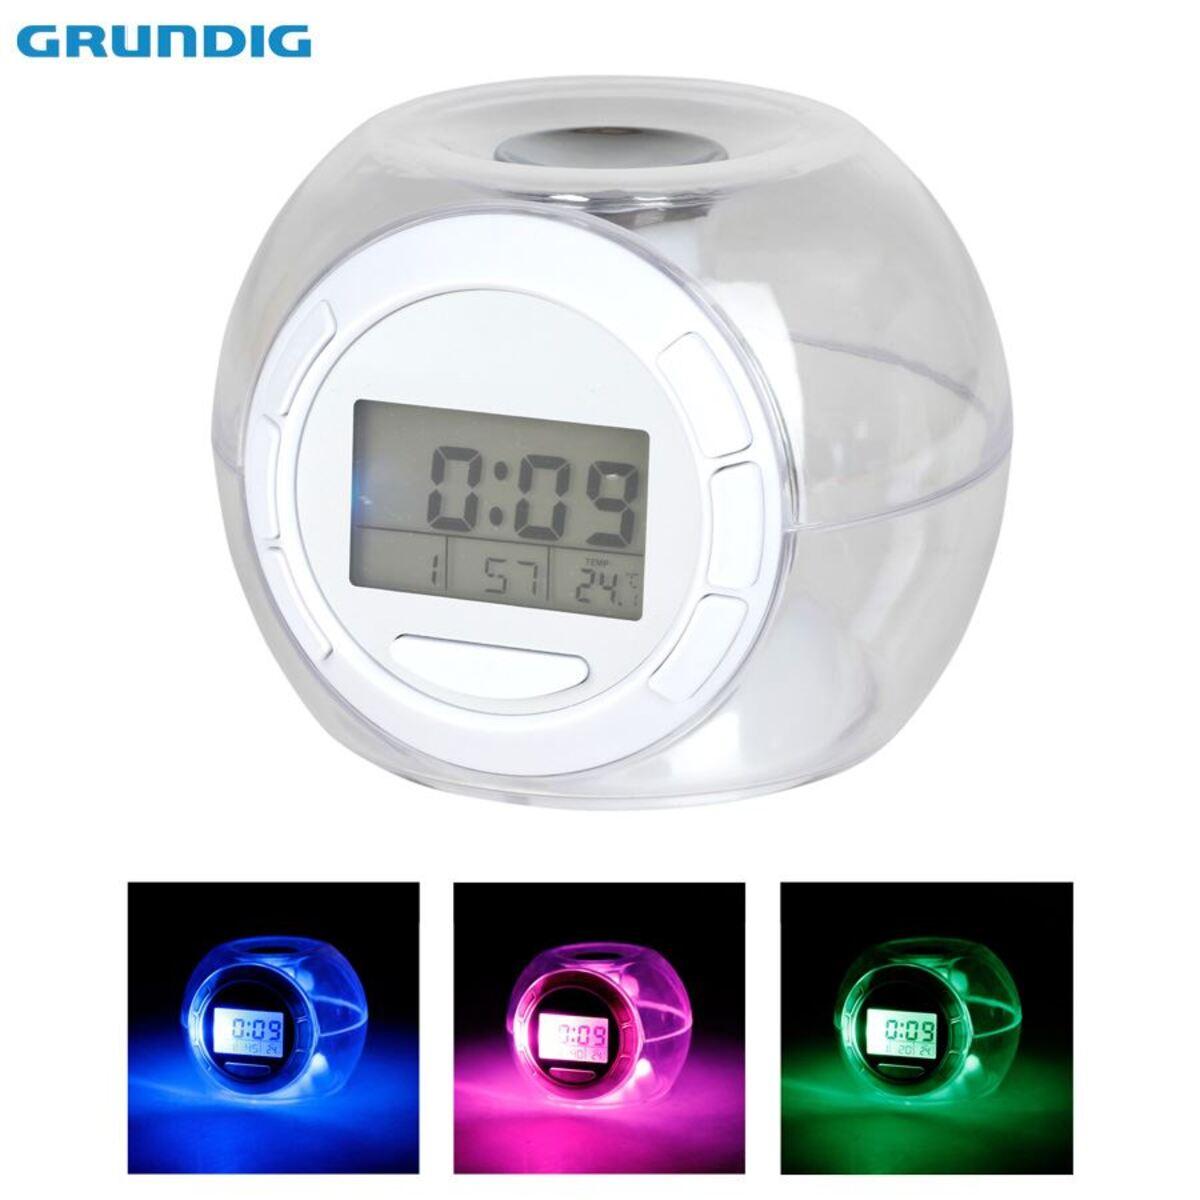 Bild 1 von Grundig LED-Kalenderuhr mit Weckerfunktion und Thermometer